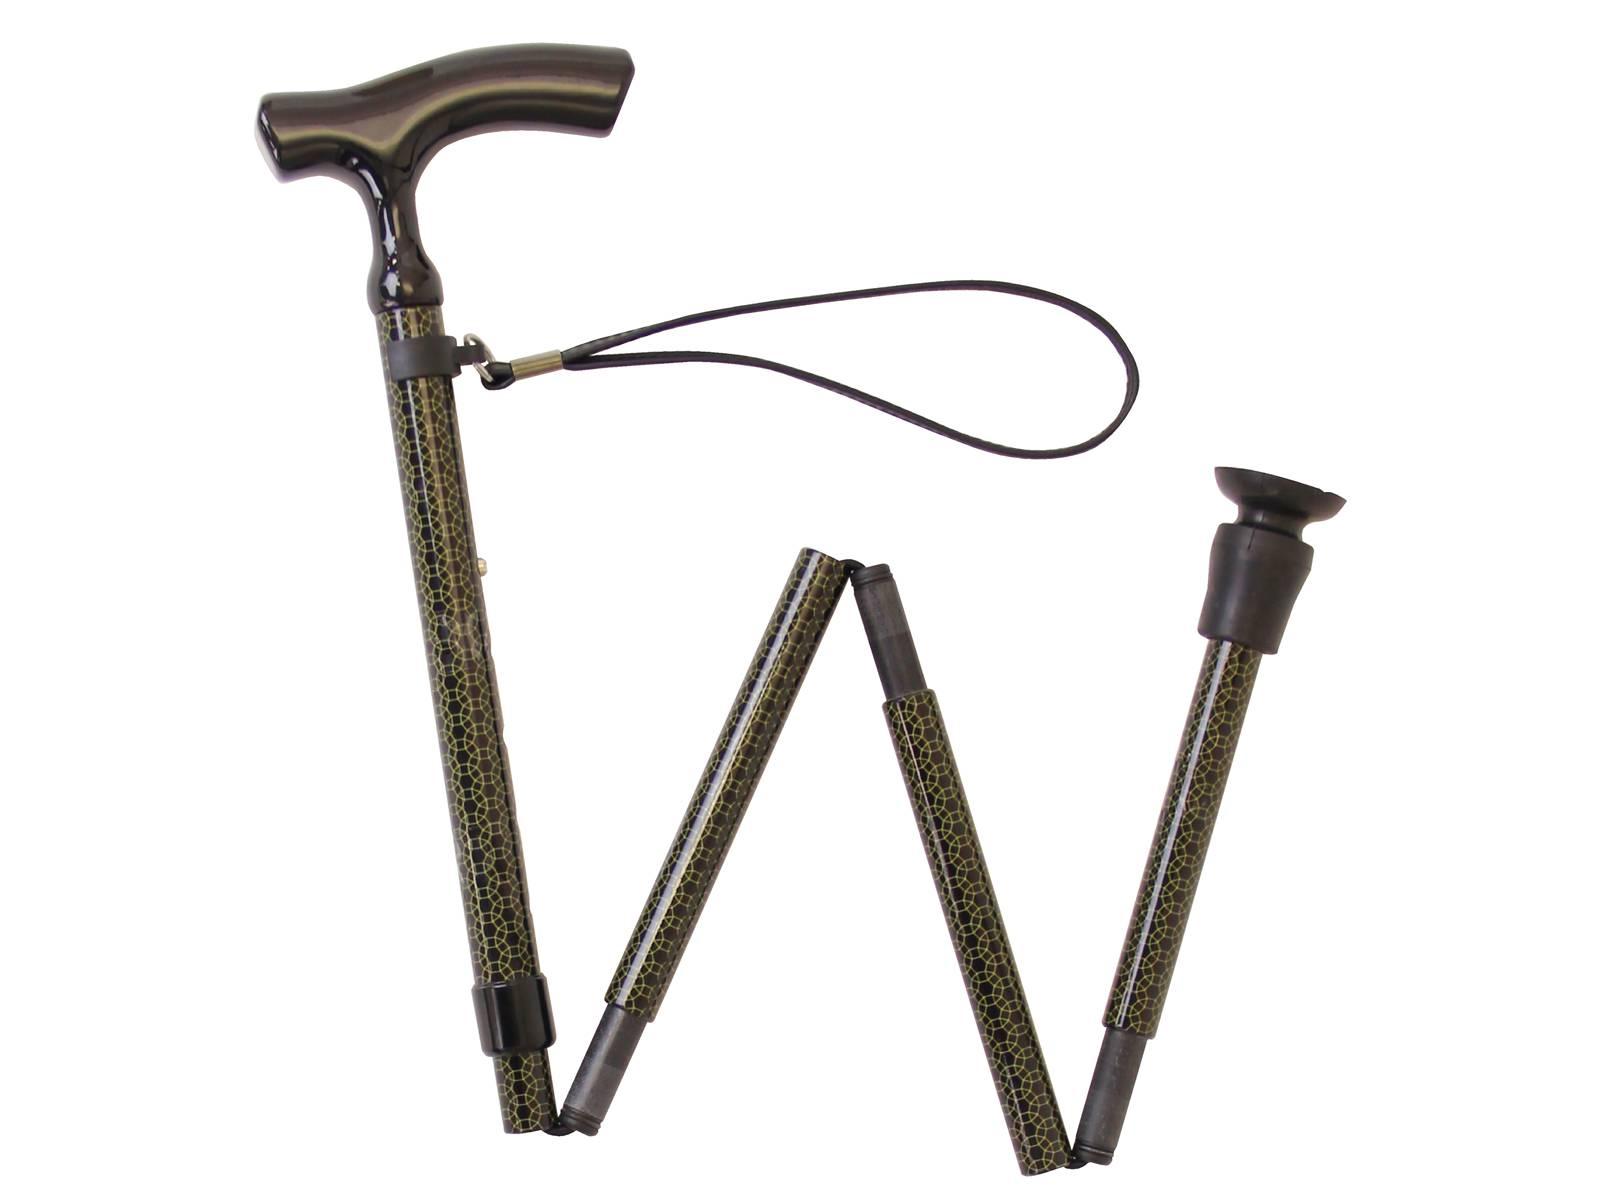 テイコブ 折りたたみ式伸縮カーボンステッキ CAF01 / 幸和製作所介護用品 杖 ステッキ 歩行補助 折りたたみ 軽量